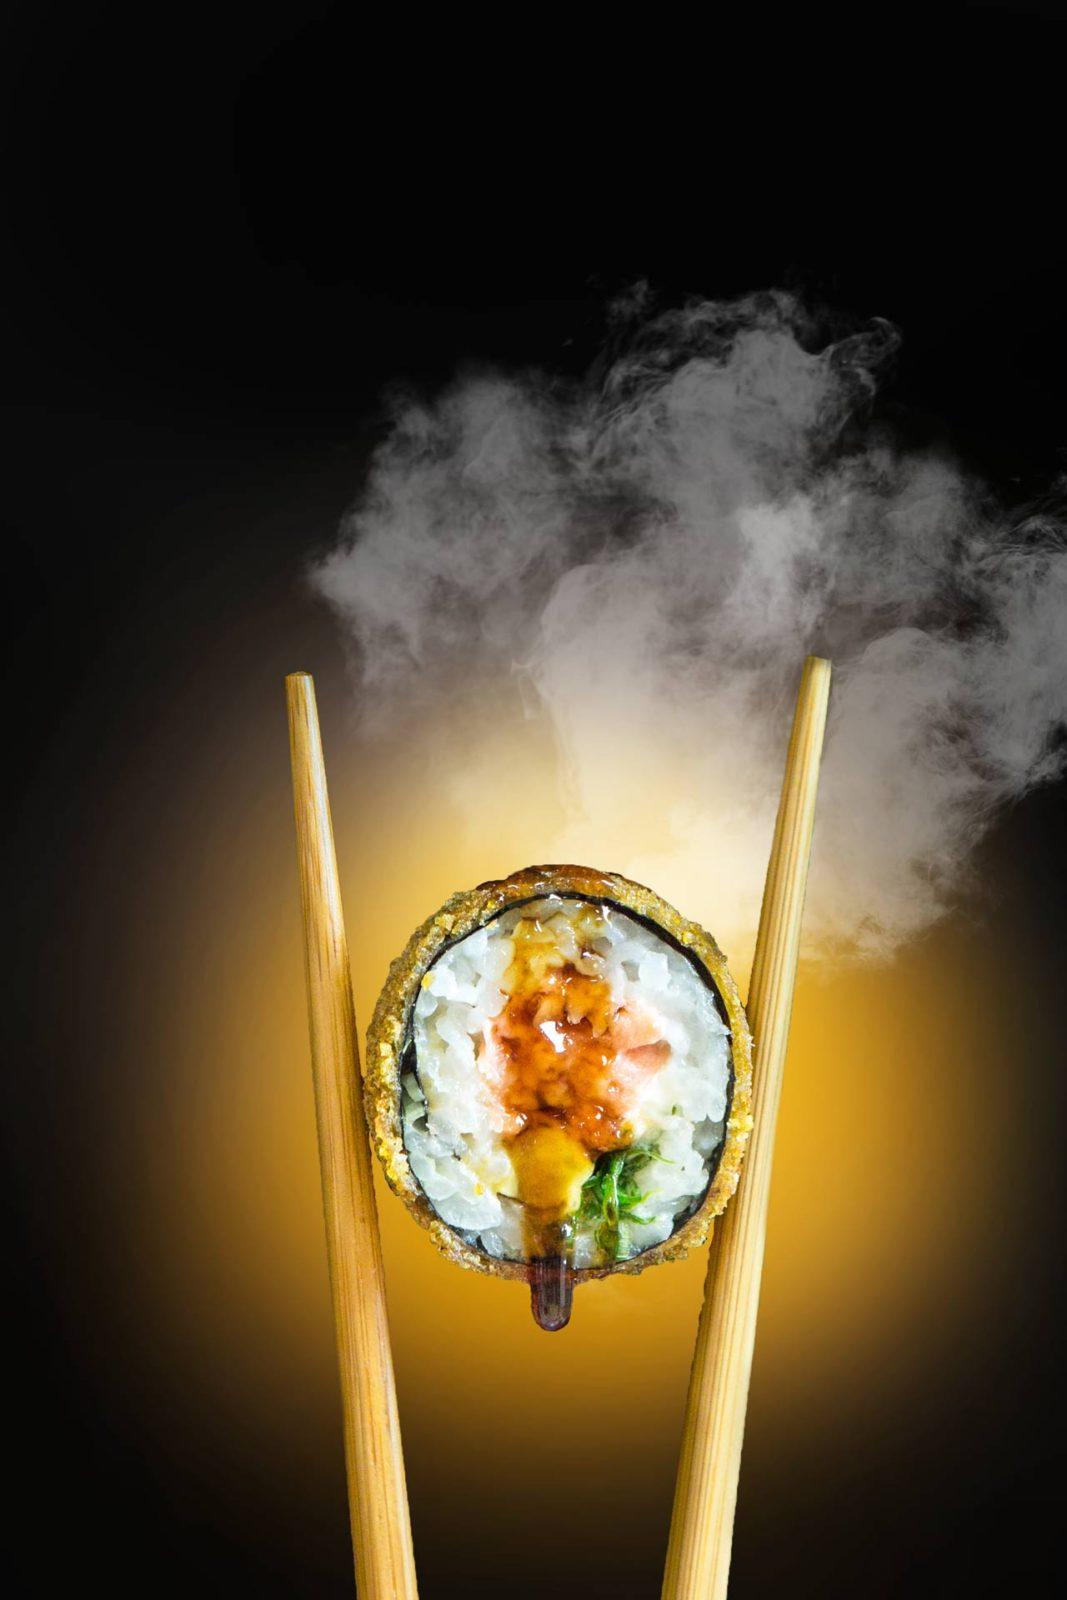 tempura tiger con palillos